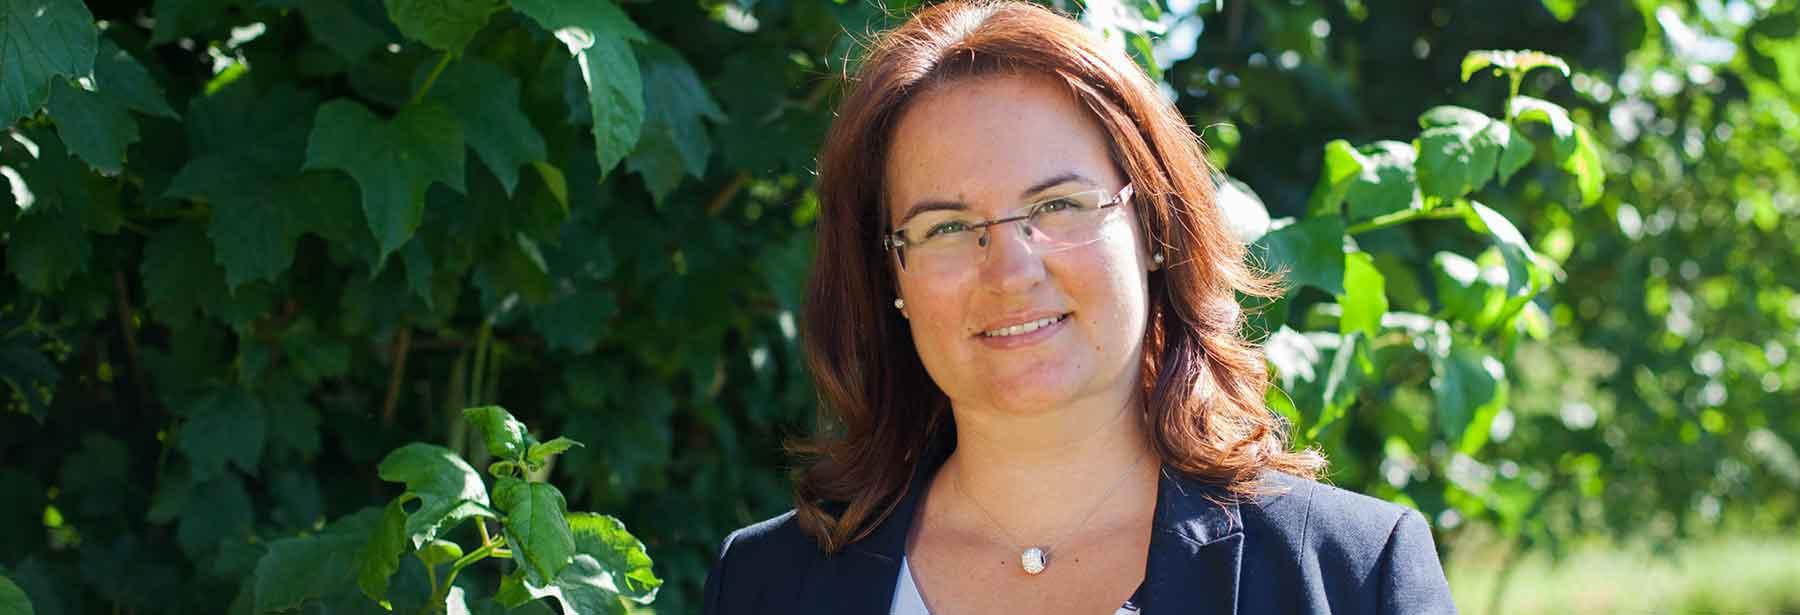 Rechtsanwältin Melanie Mathis, Quirmbach & Partner